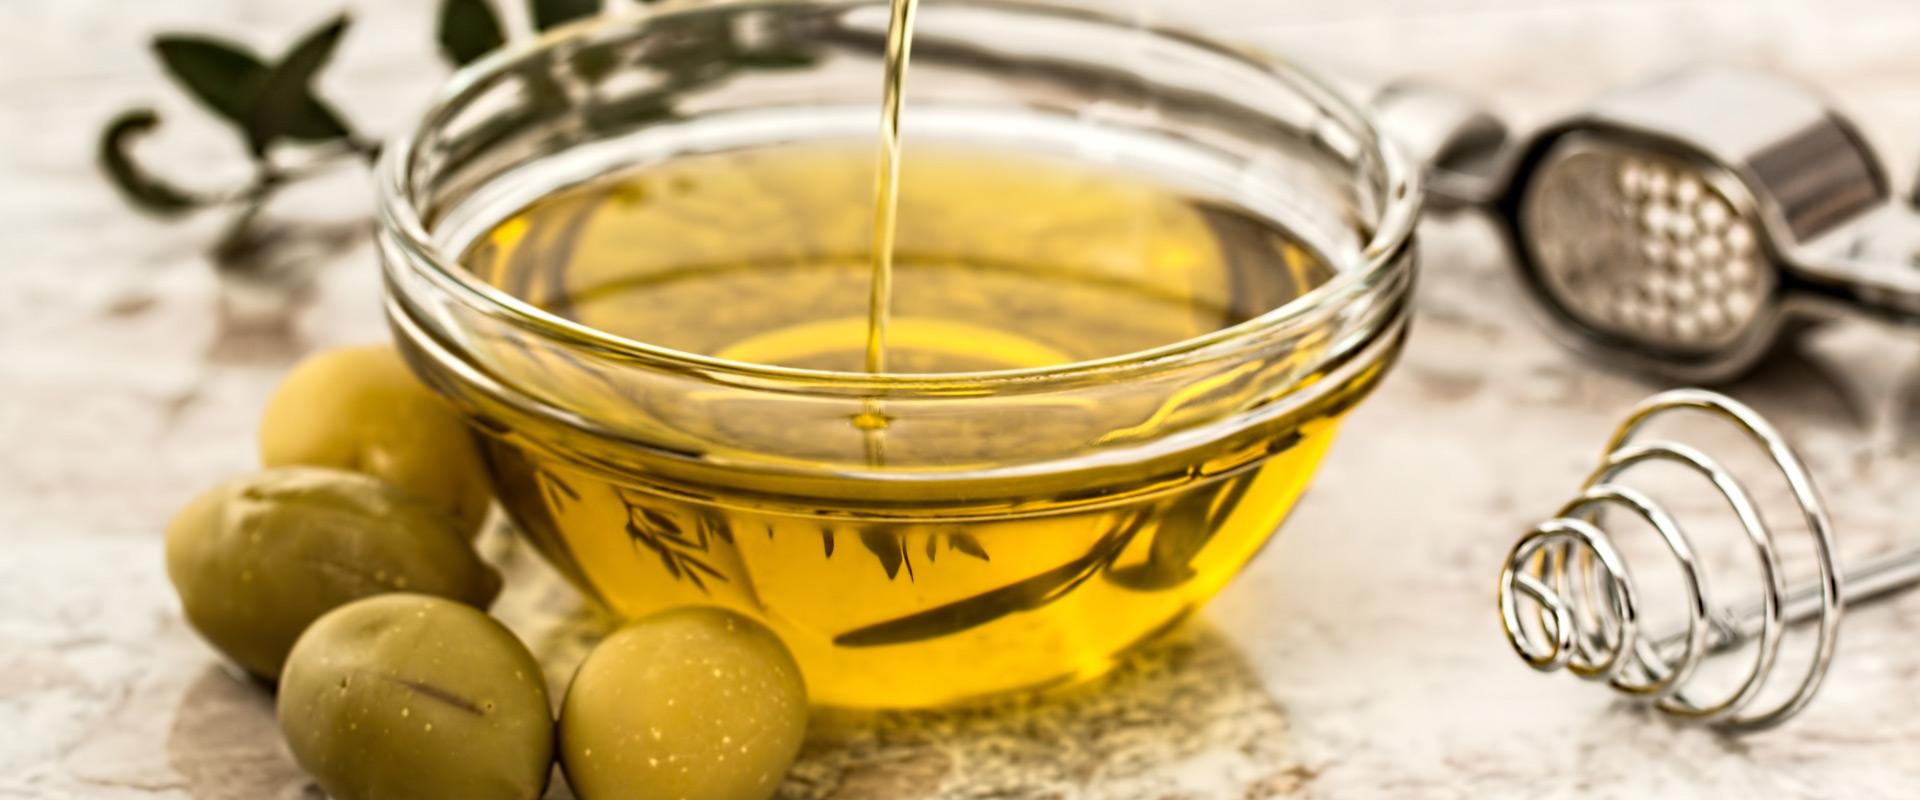 spécialités à base d'olives